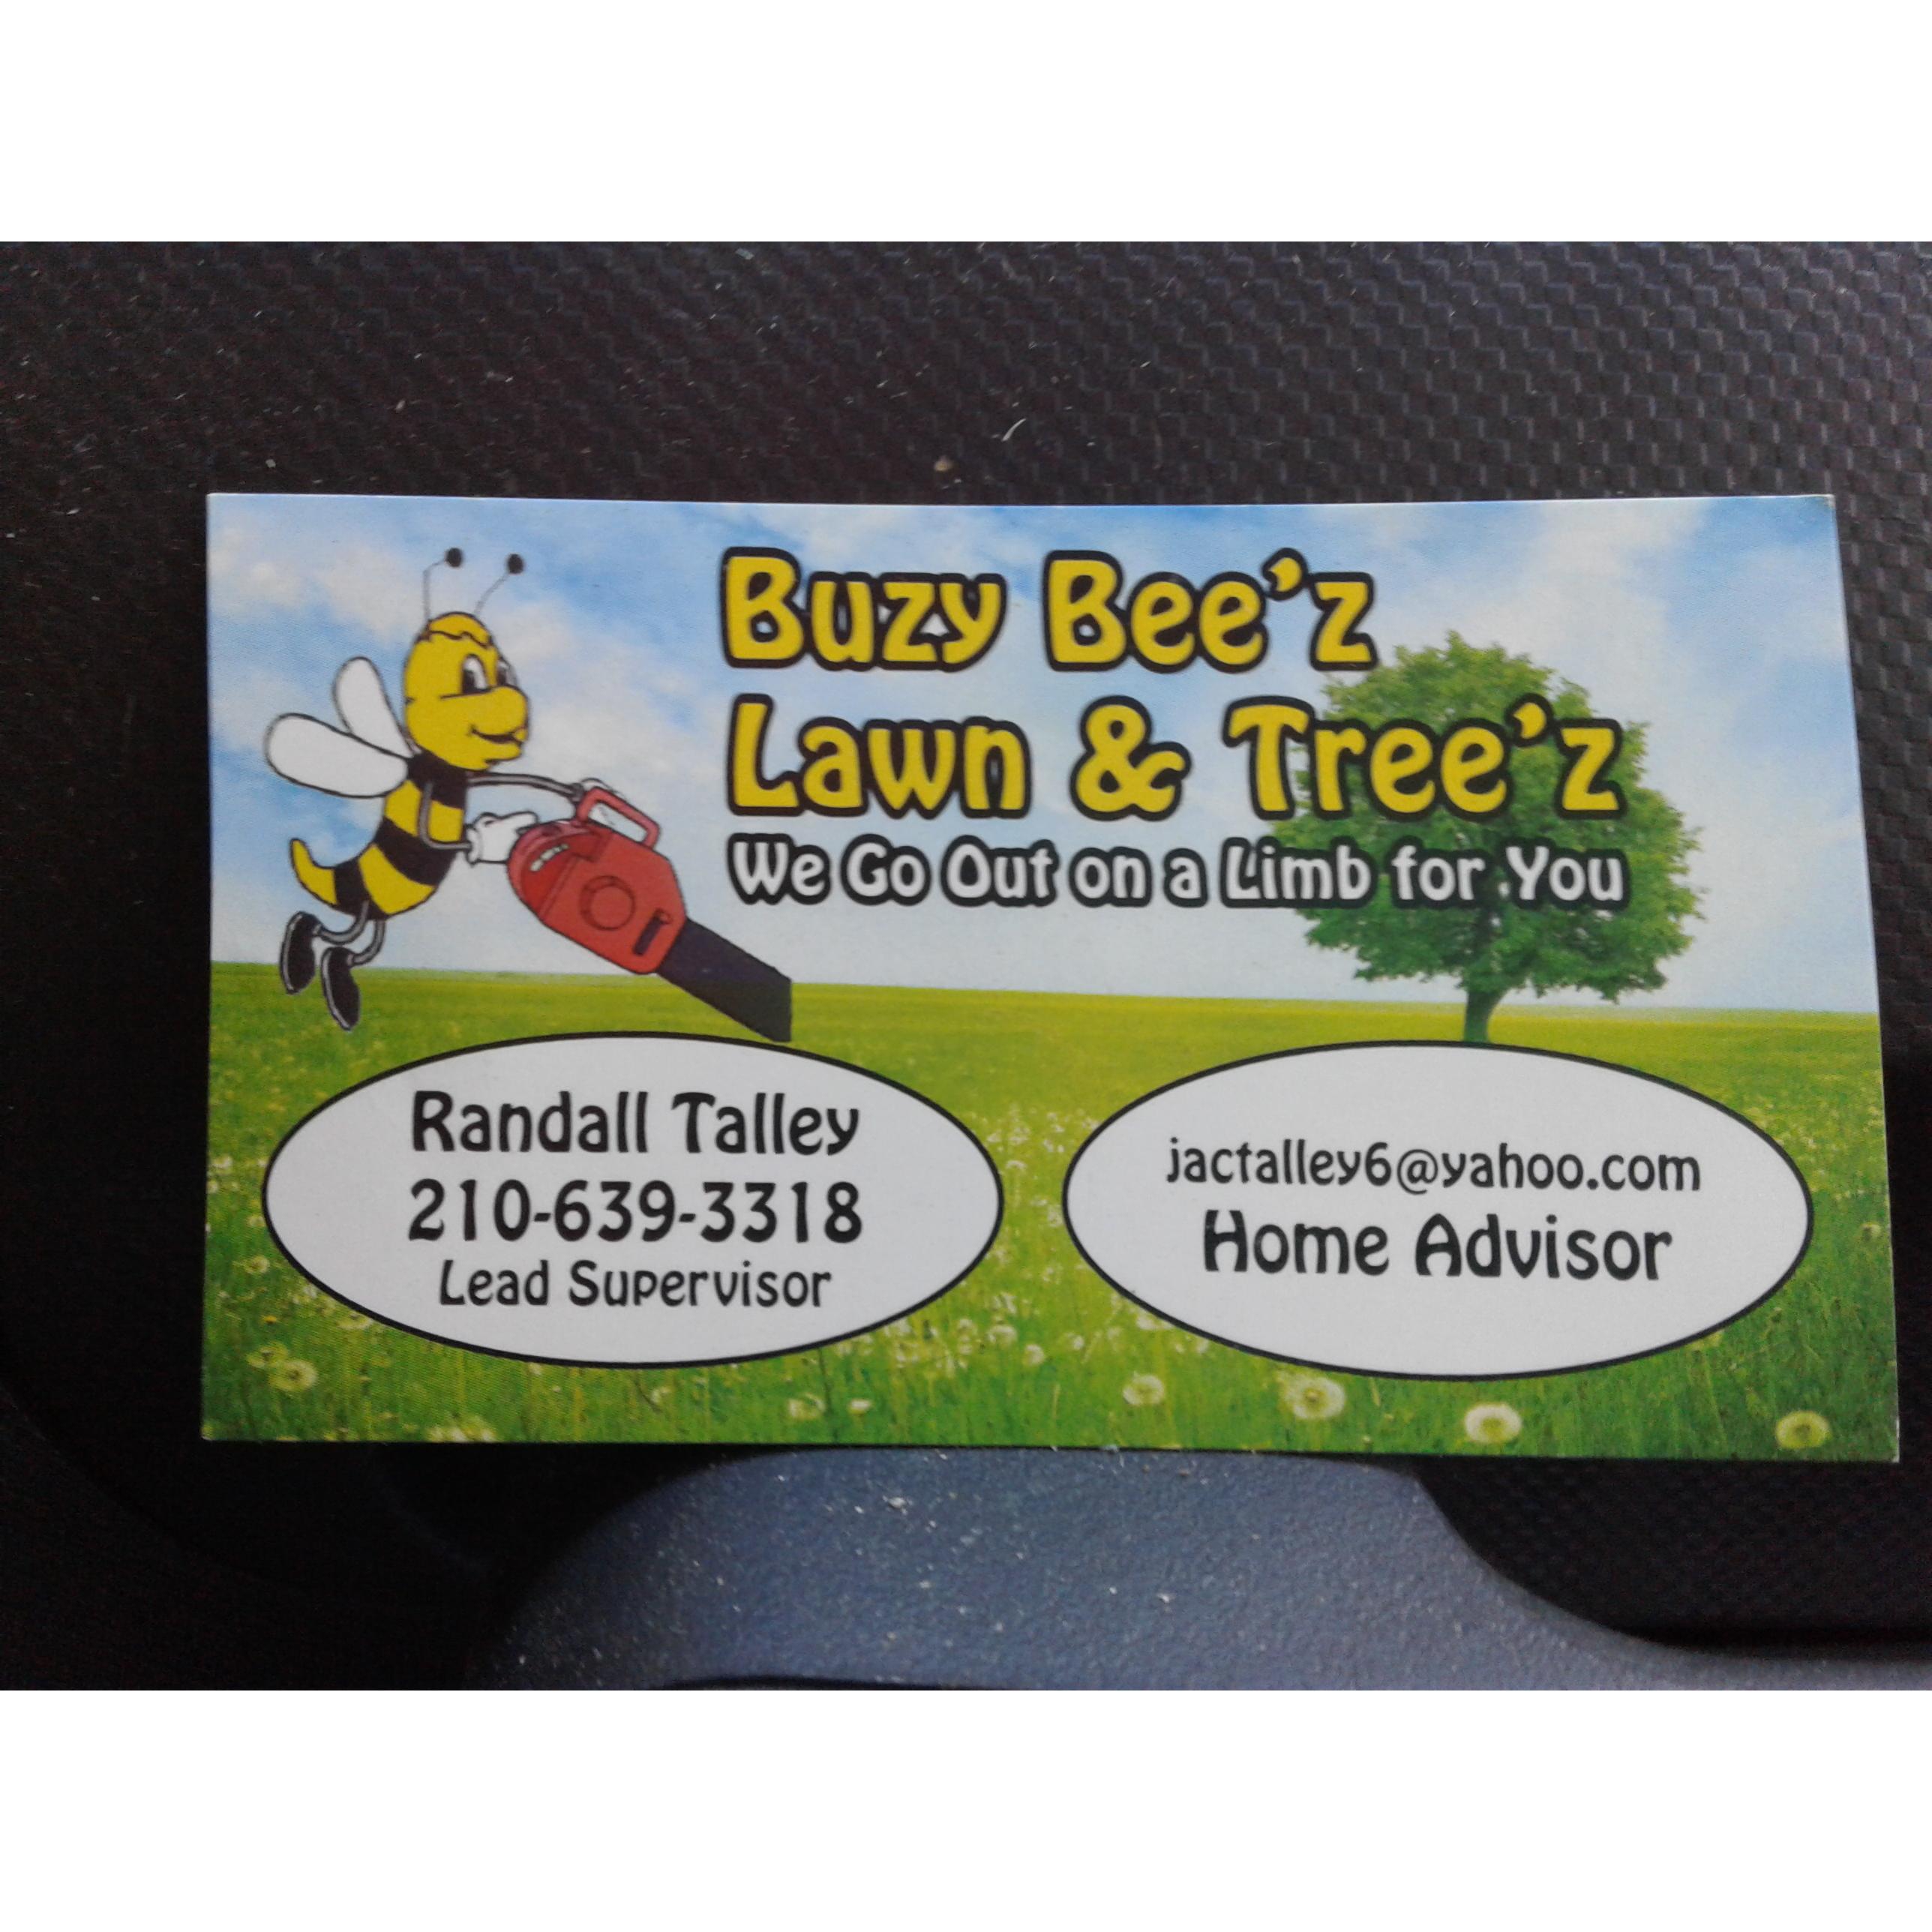 Buzy Beez Lawn & Treez